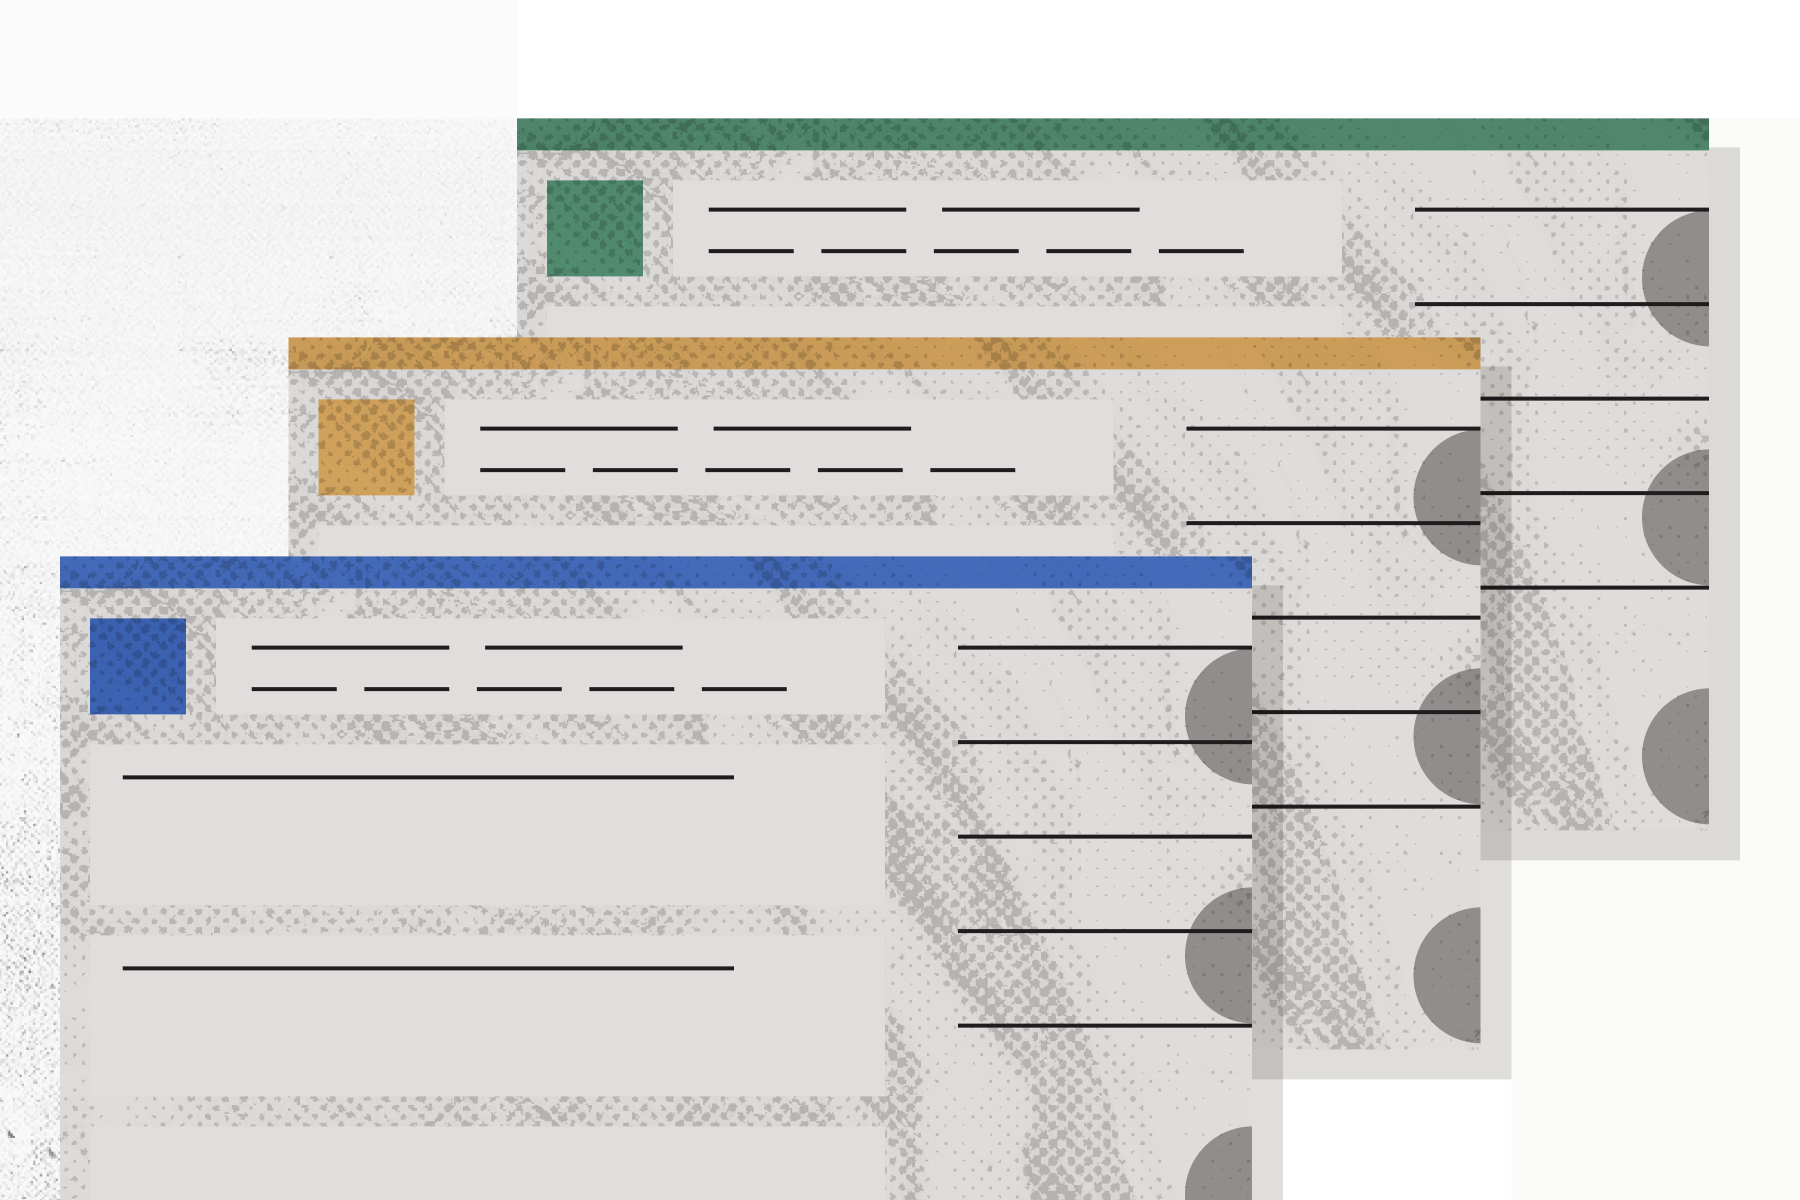 Imagen del banner del artículo sobre plantillas para planes de proyectos